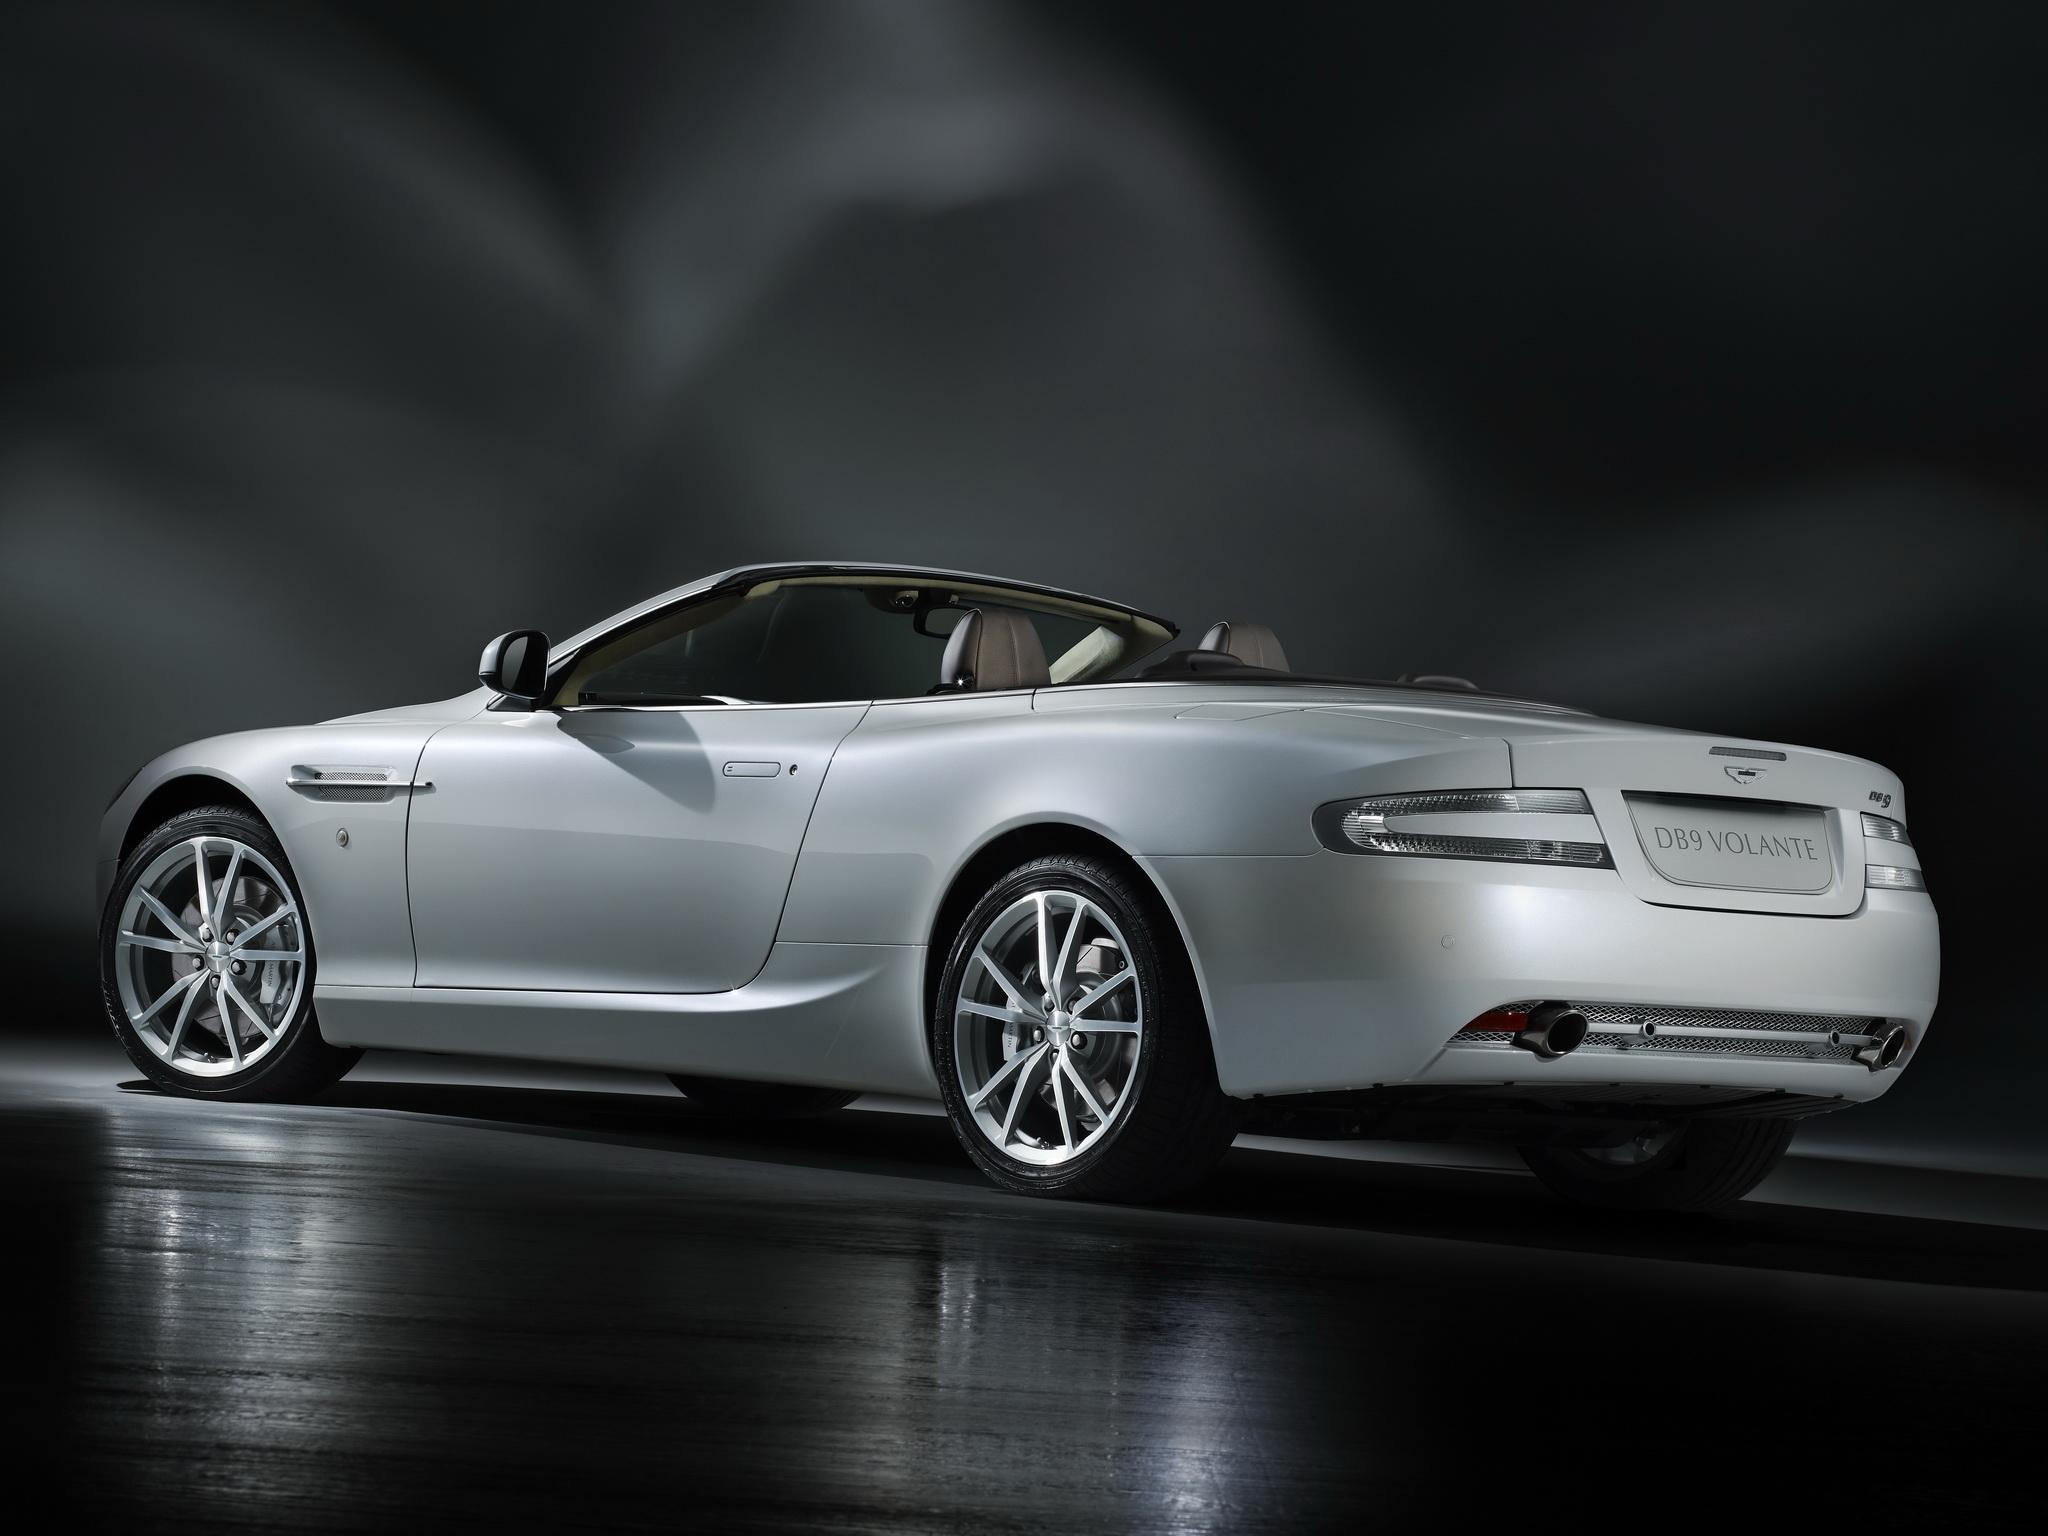 92077 скачать обои Машины, Астон Мартин (Aston Martin), Тачки (Cars), Отражение, Белый, Вид Сбоку, Стиль, Db9, 2010 - заставки и картинки бесплатно